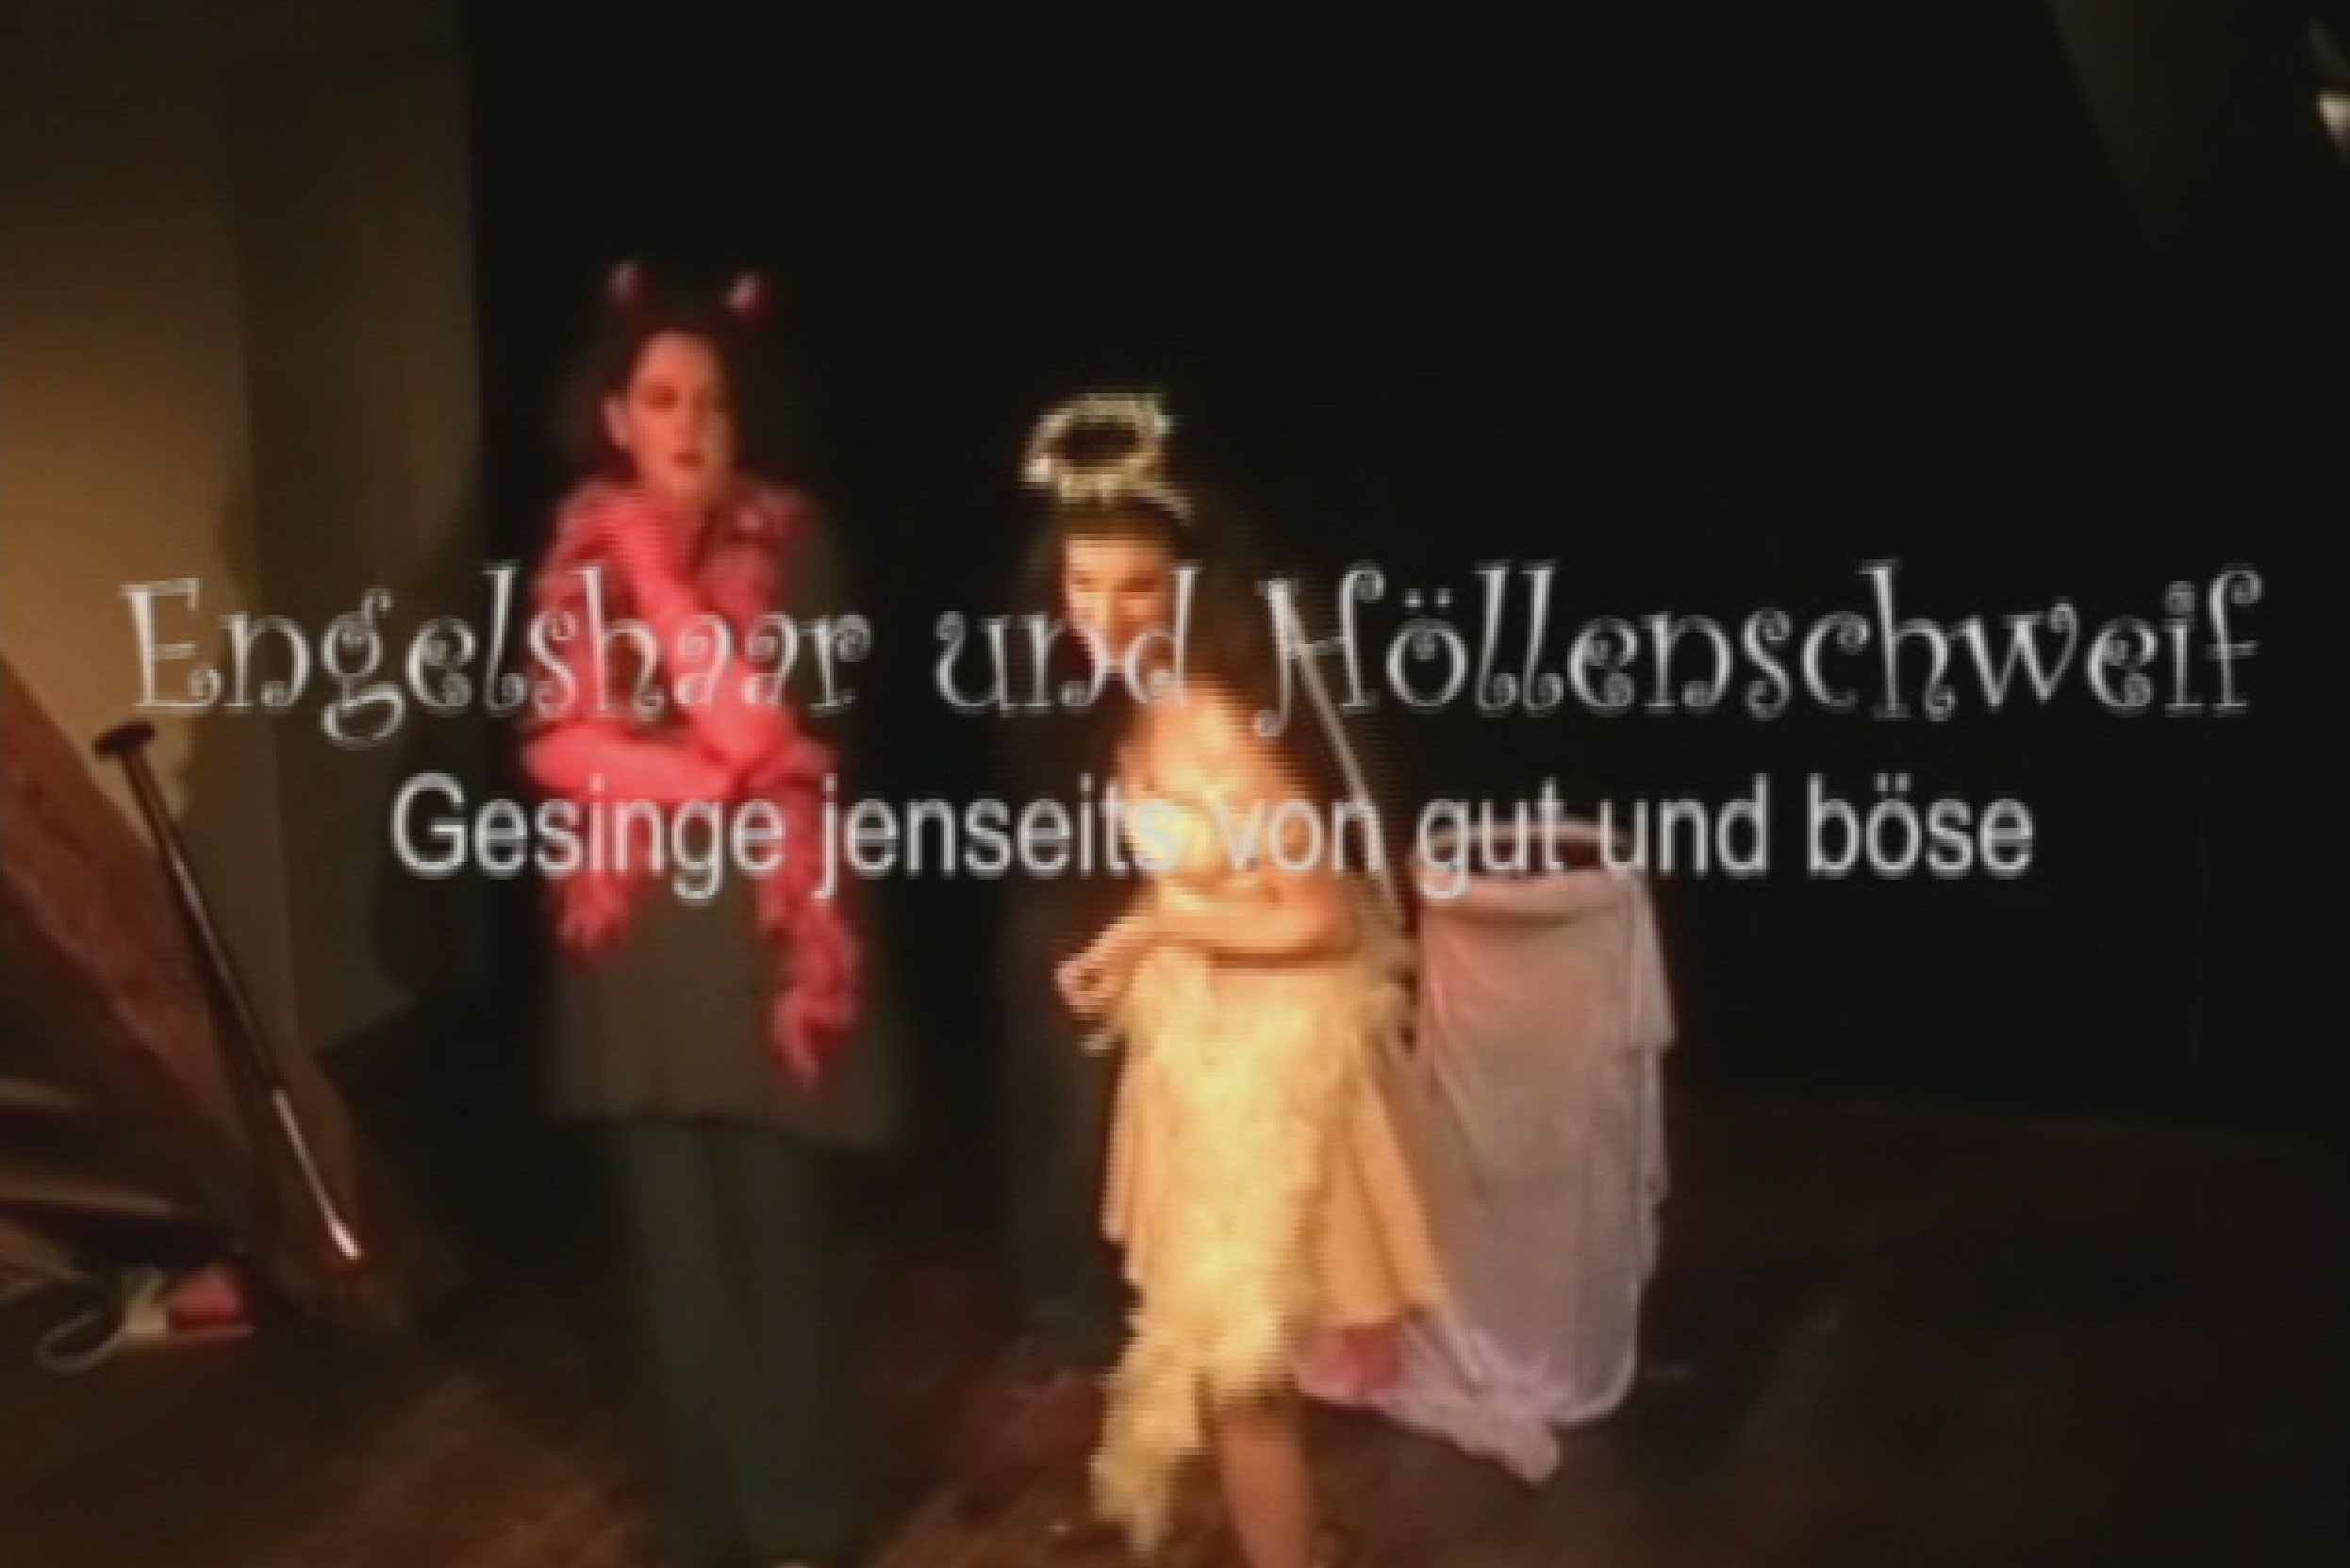 Trailer Engelshaar und Höllenschweif